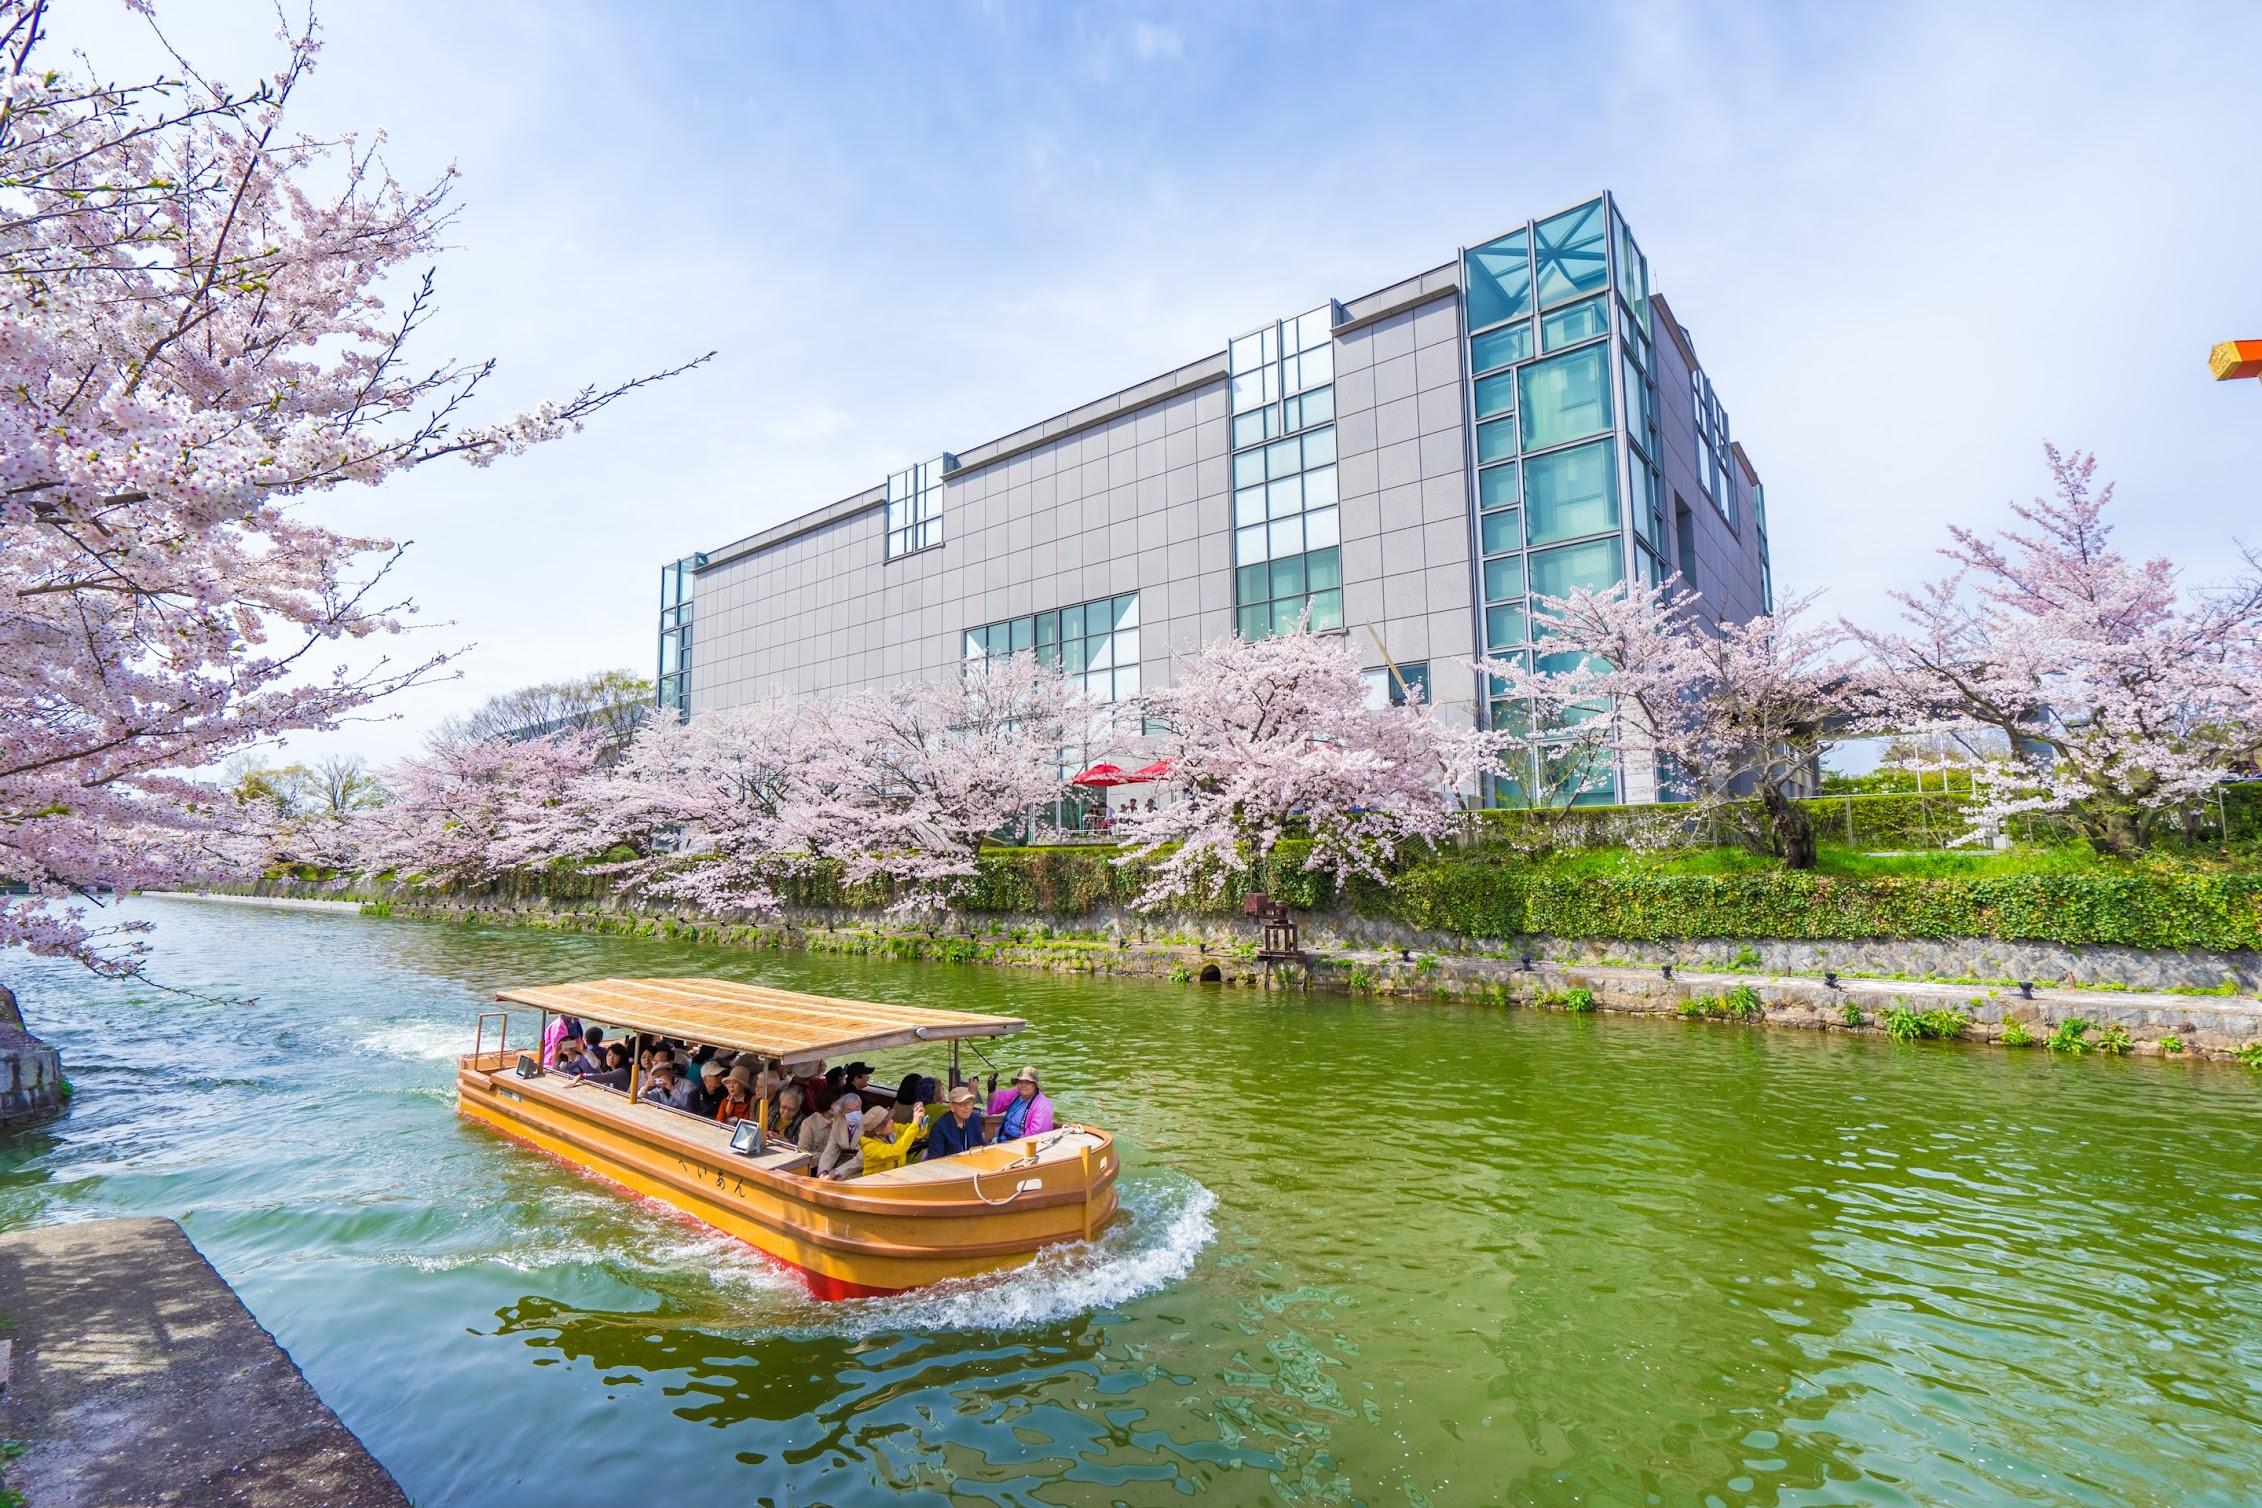 京都 岡崎疎水 十石舟1